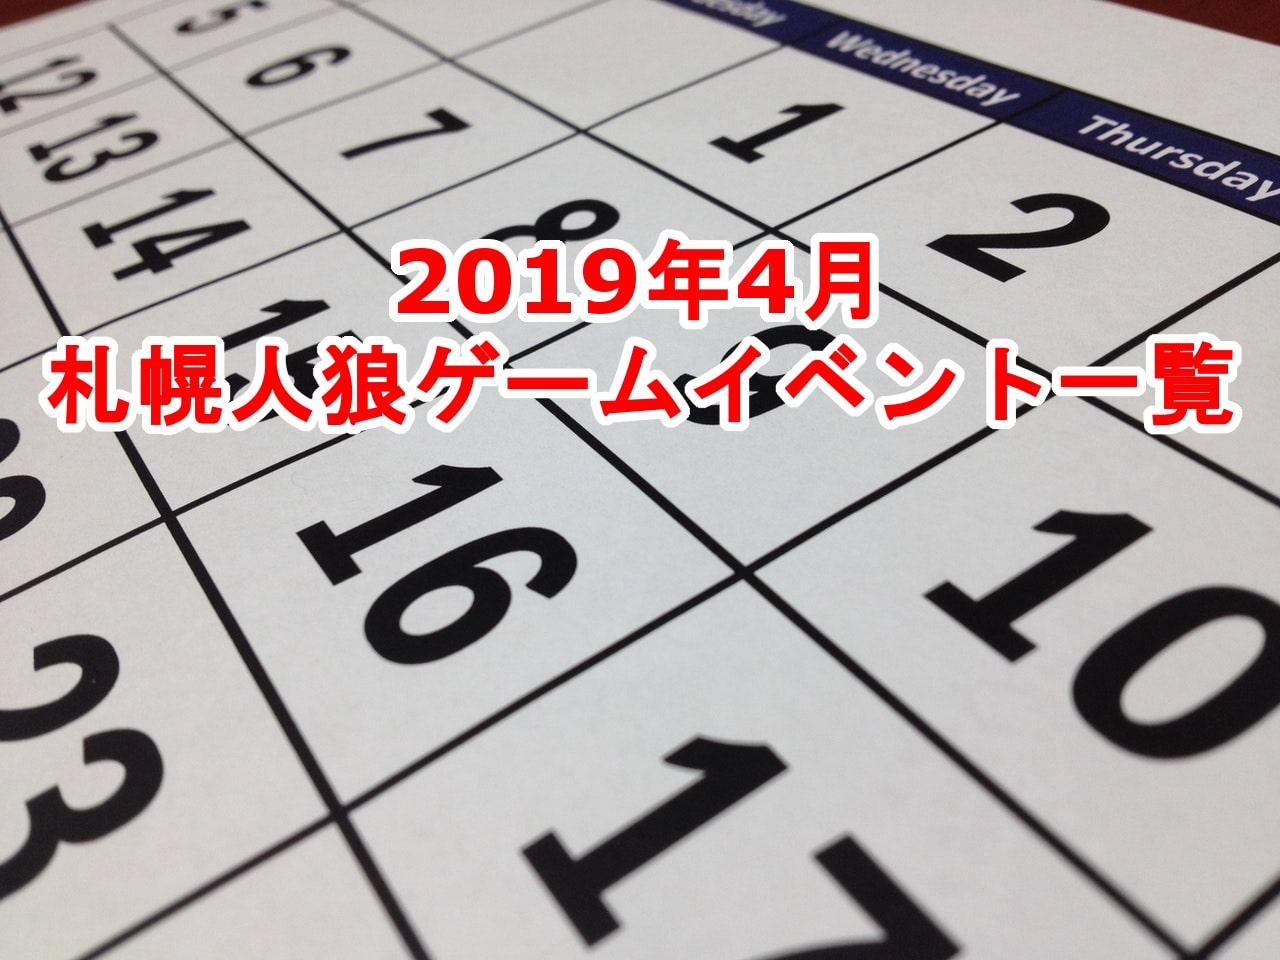 札幌 人狼ゲームイベント 2019年4月